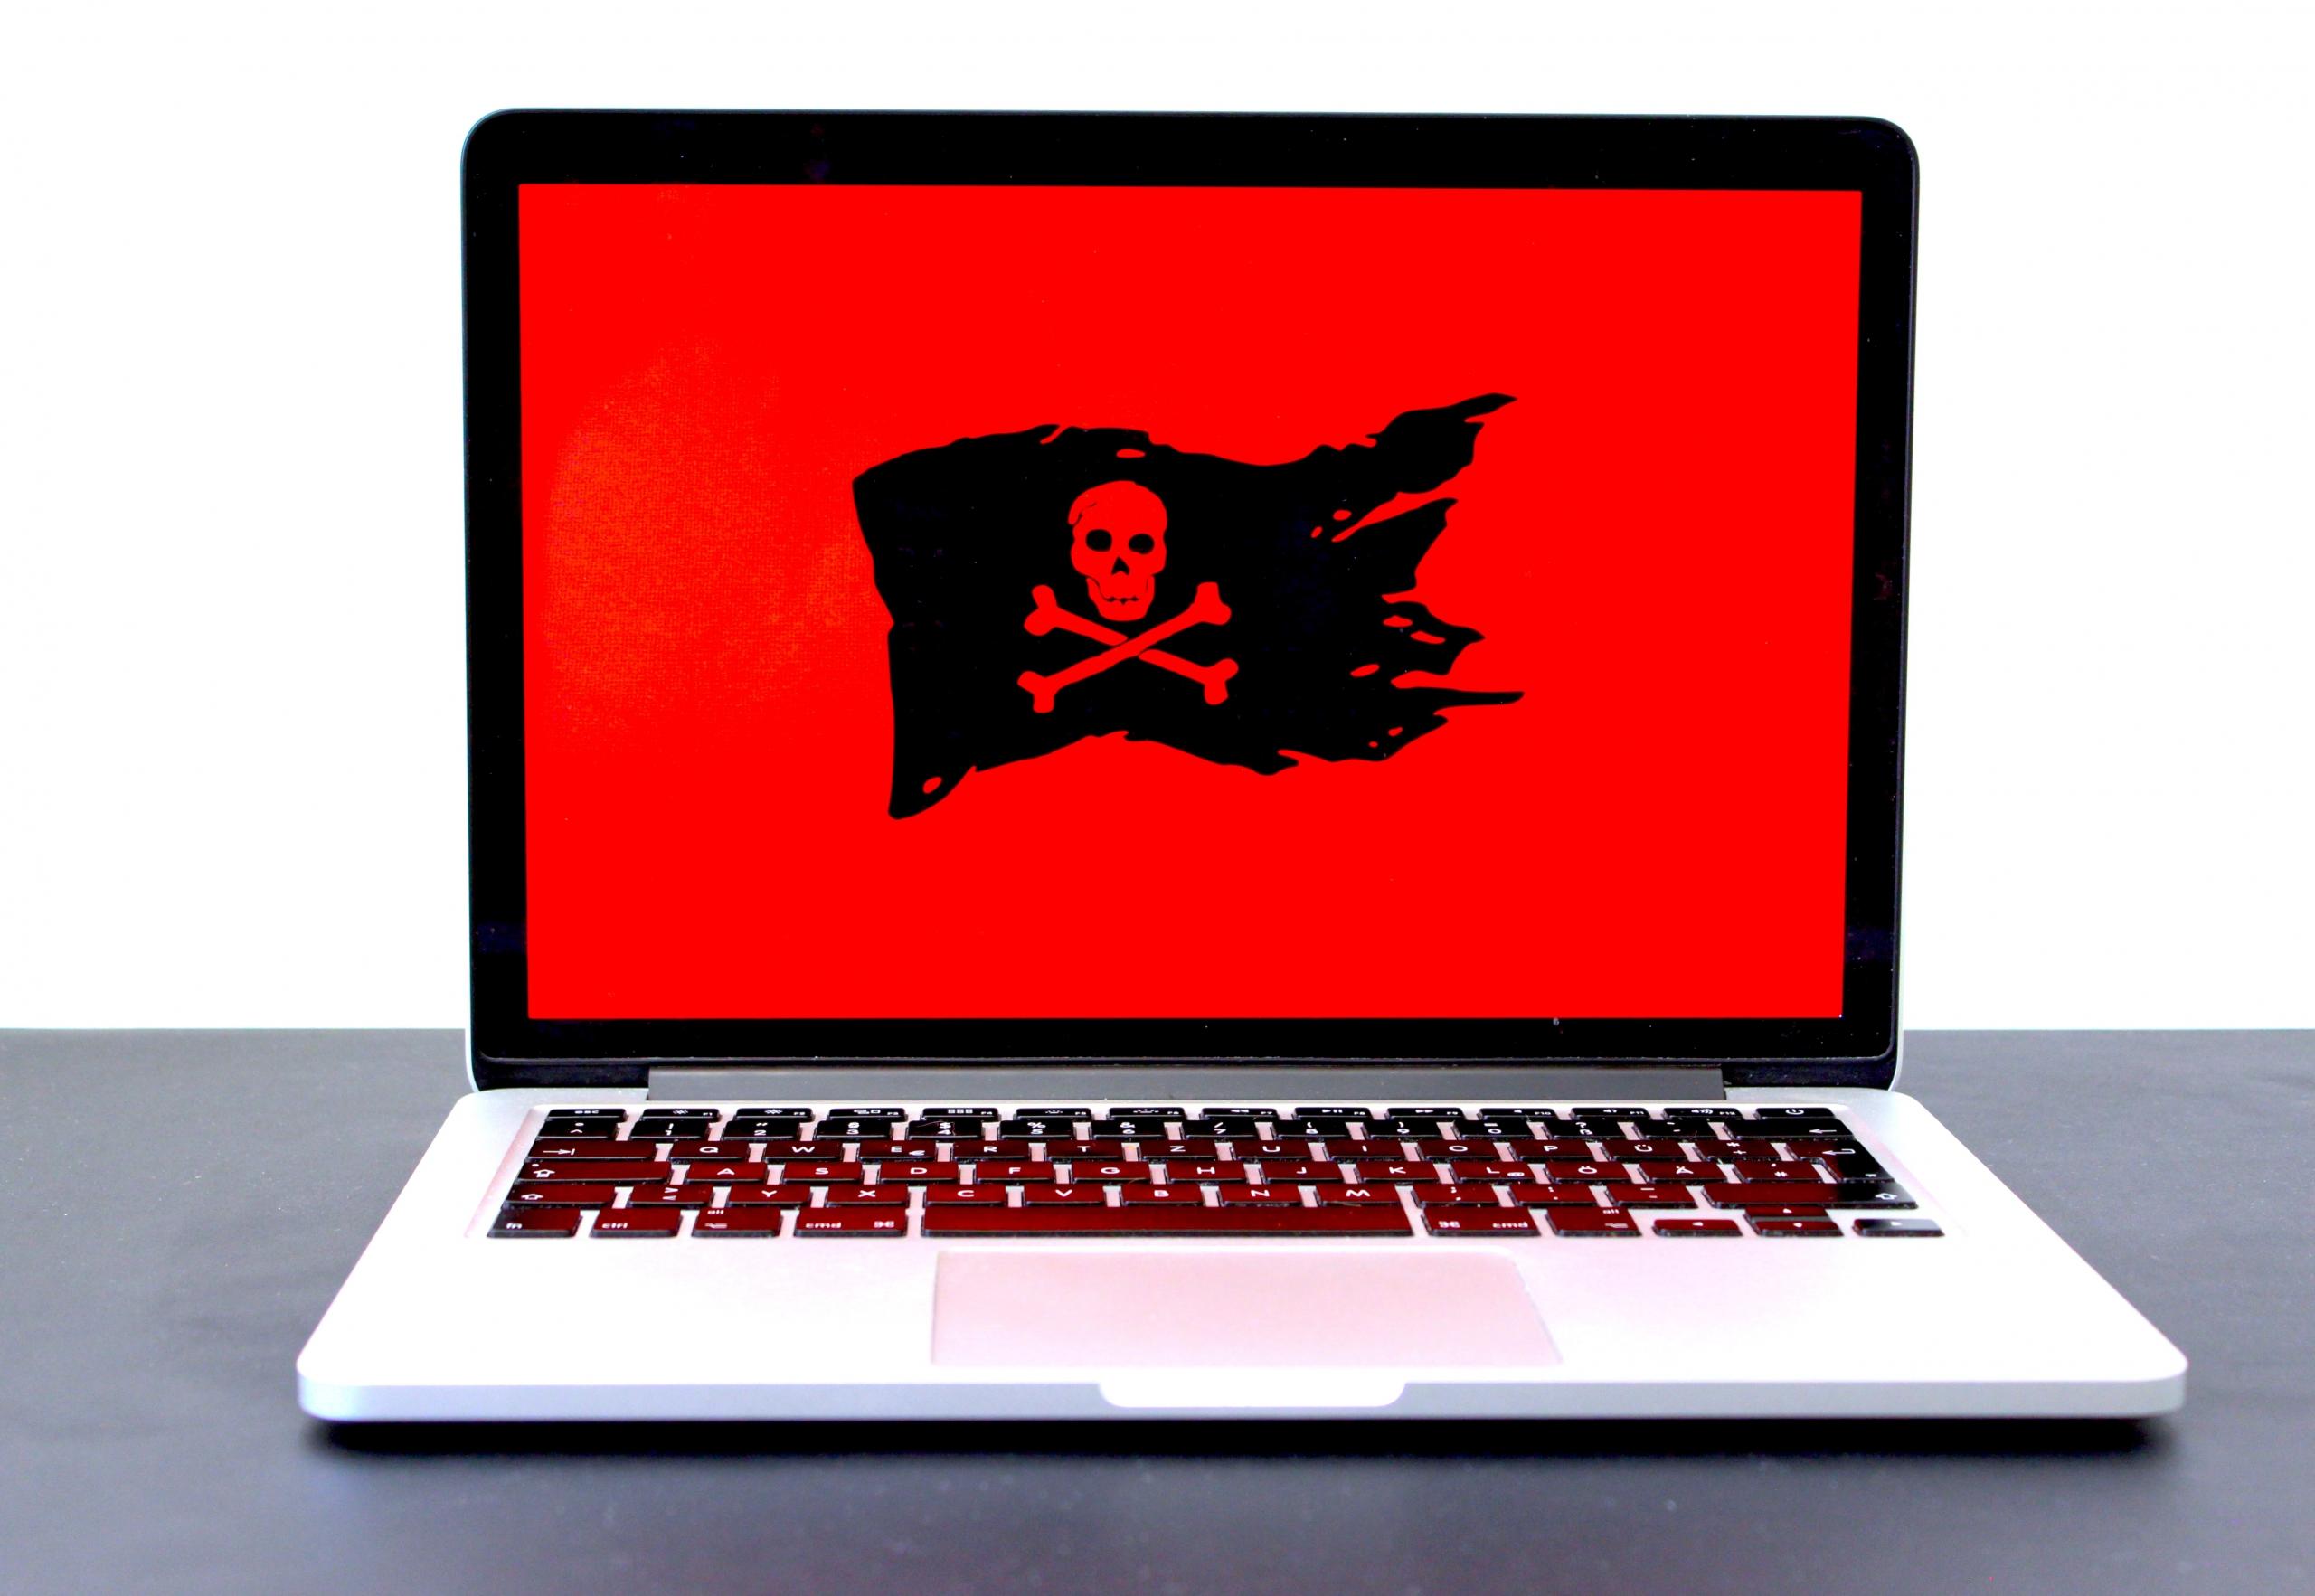 Co to jest ransomware i jak się przed nim zabezpieczyć?